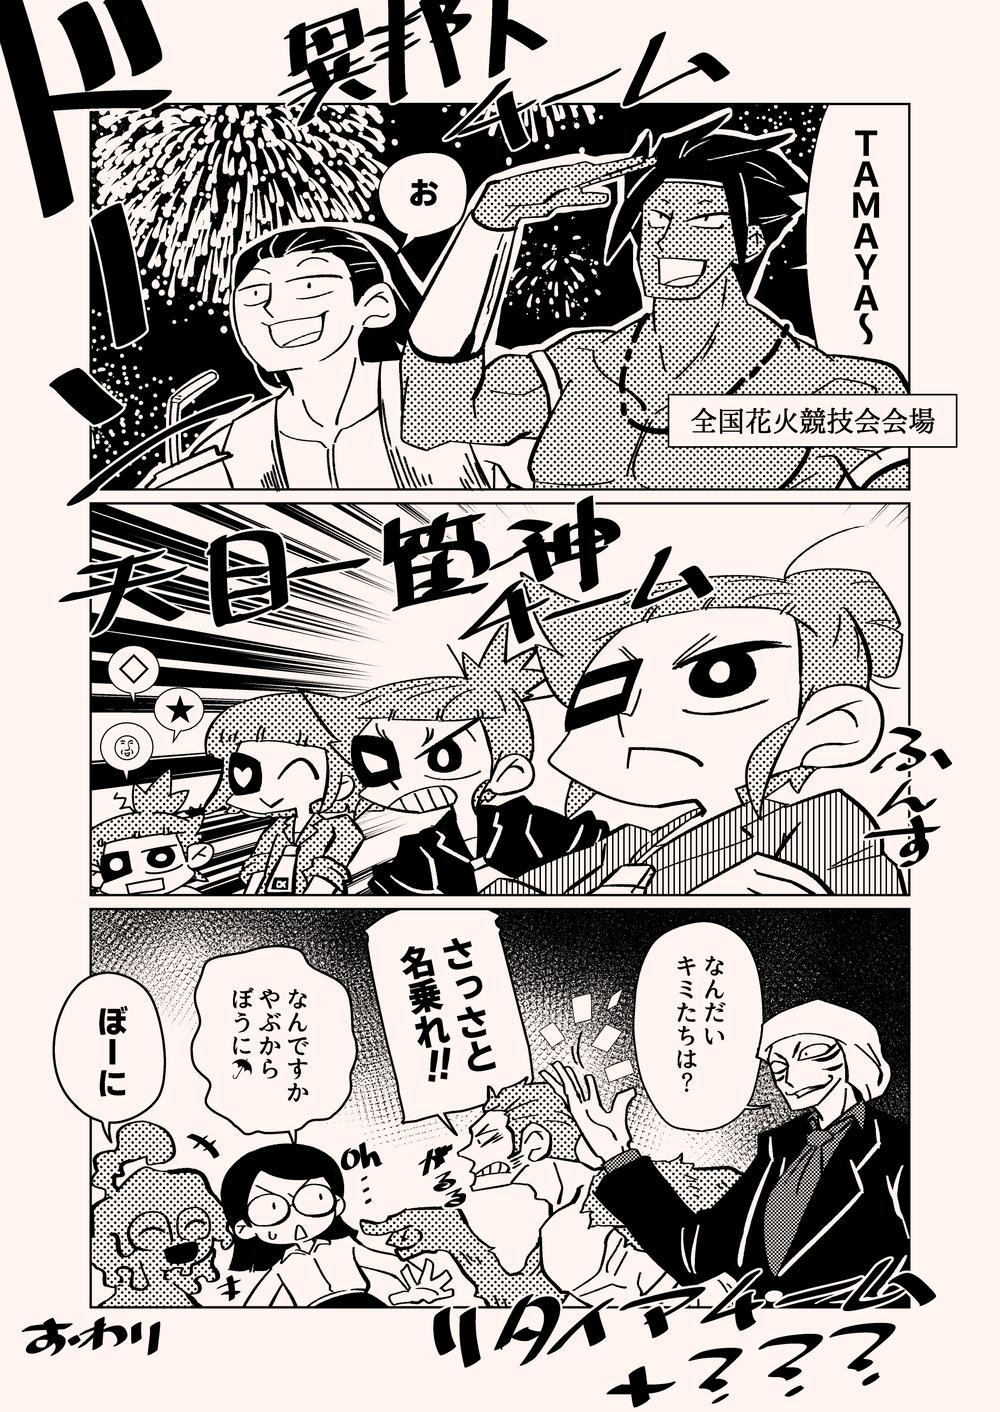 神セカトーン&カラー設定集_004